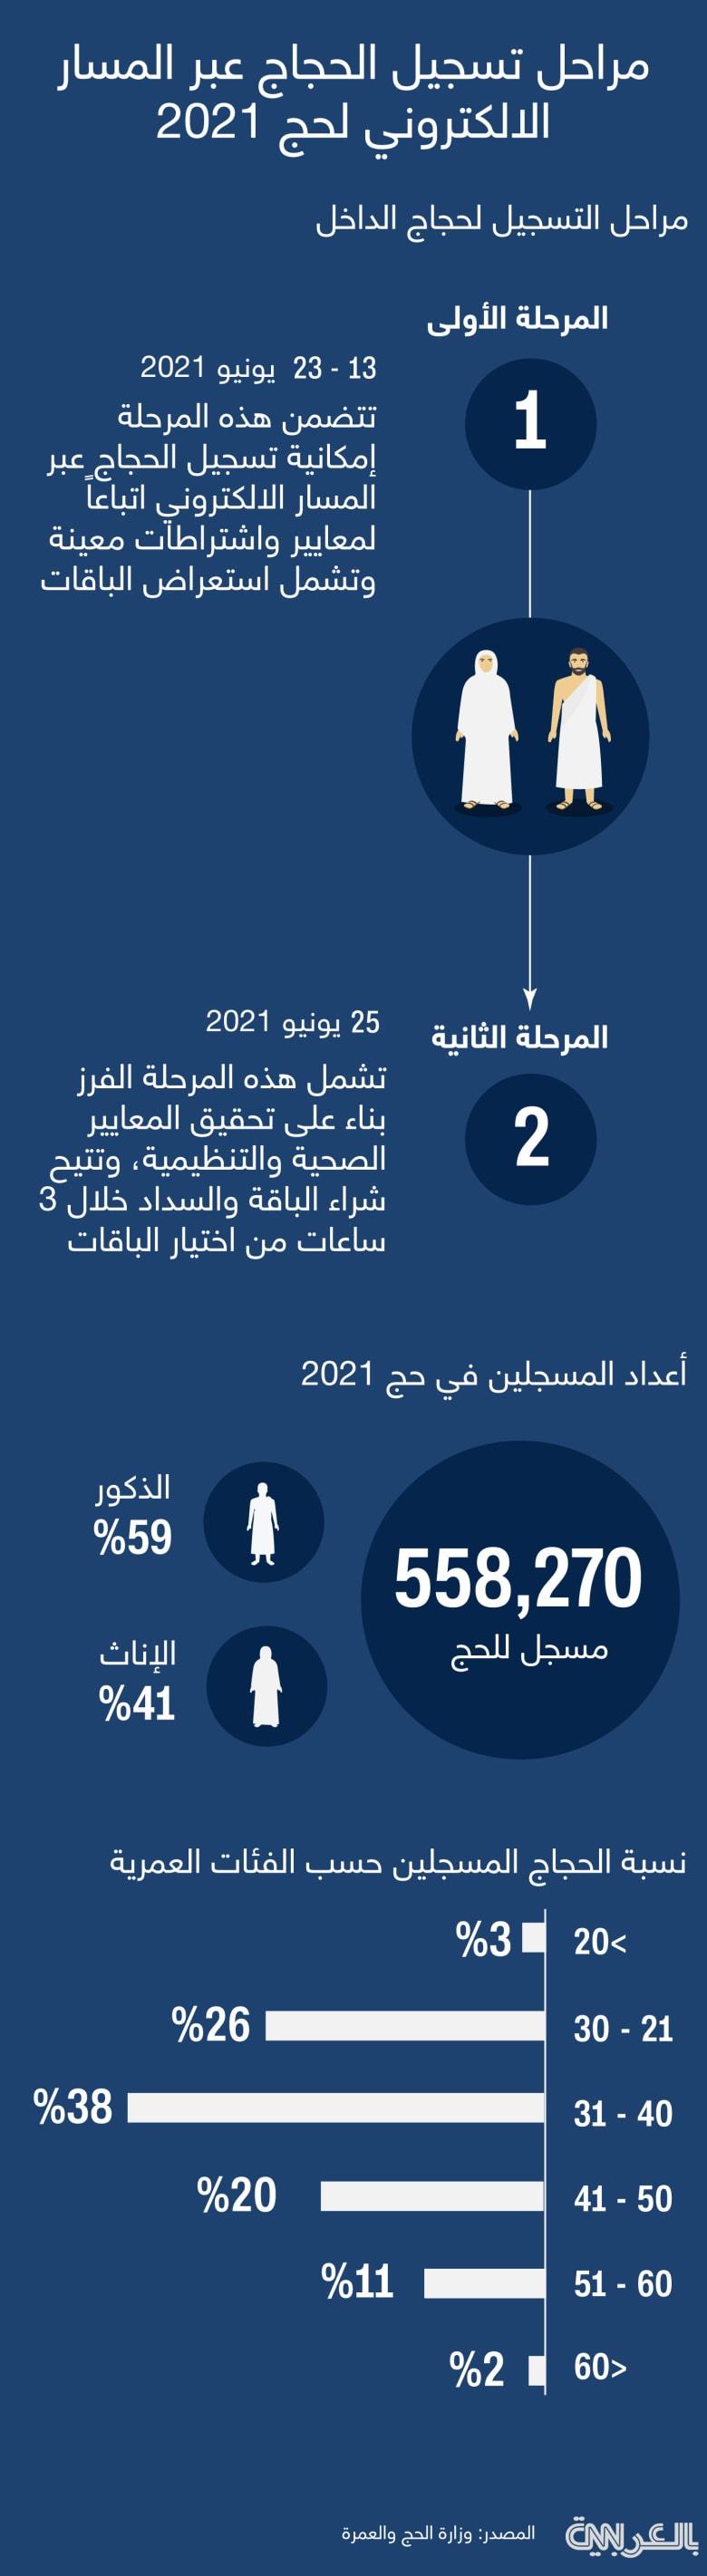 hajj-registration-process-2021